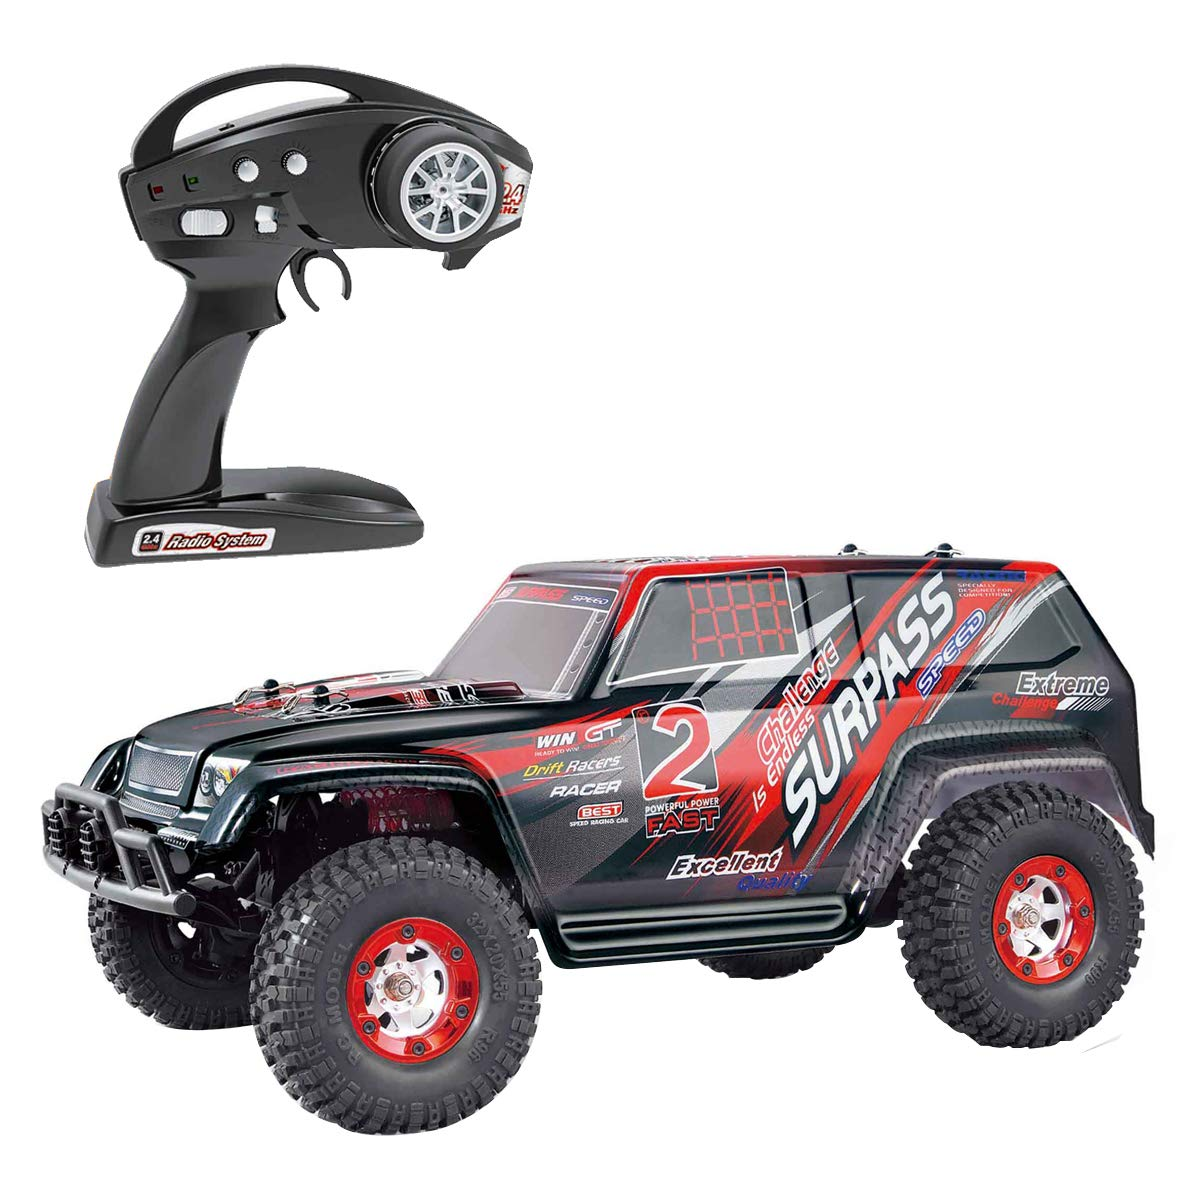 Yling RCクローラーRTR 1/12スケール4wdオフロードモンスタートラックロッククローラー4x4高速RCカーSUGバギー2.4Ghzラジオ (レッド) B07HRTZHPF レッド